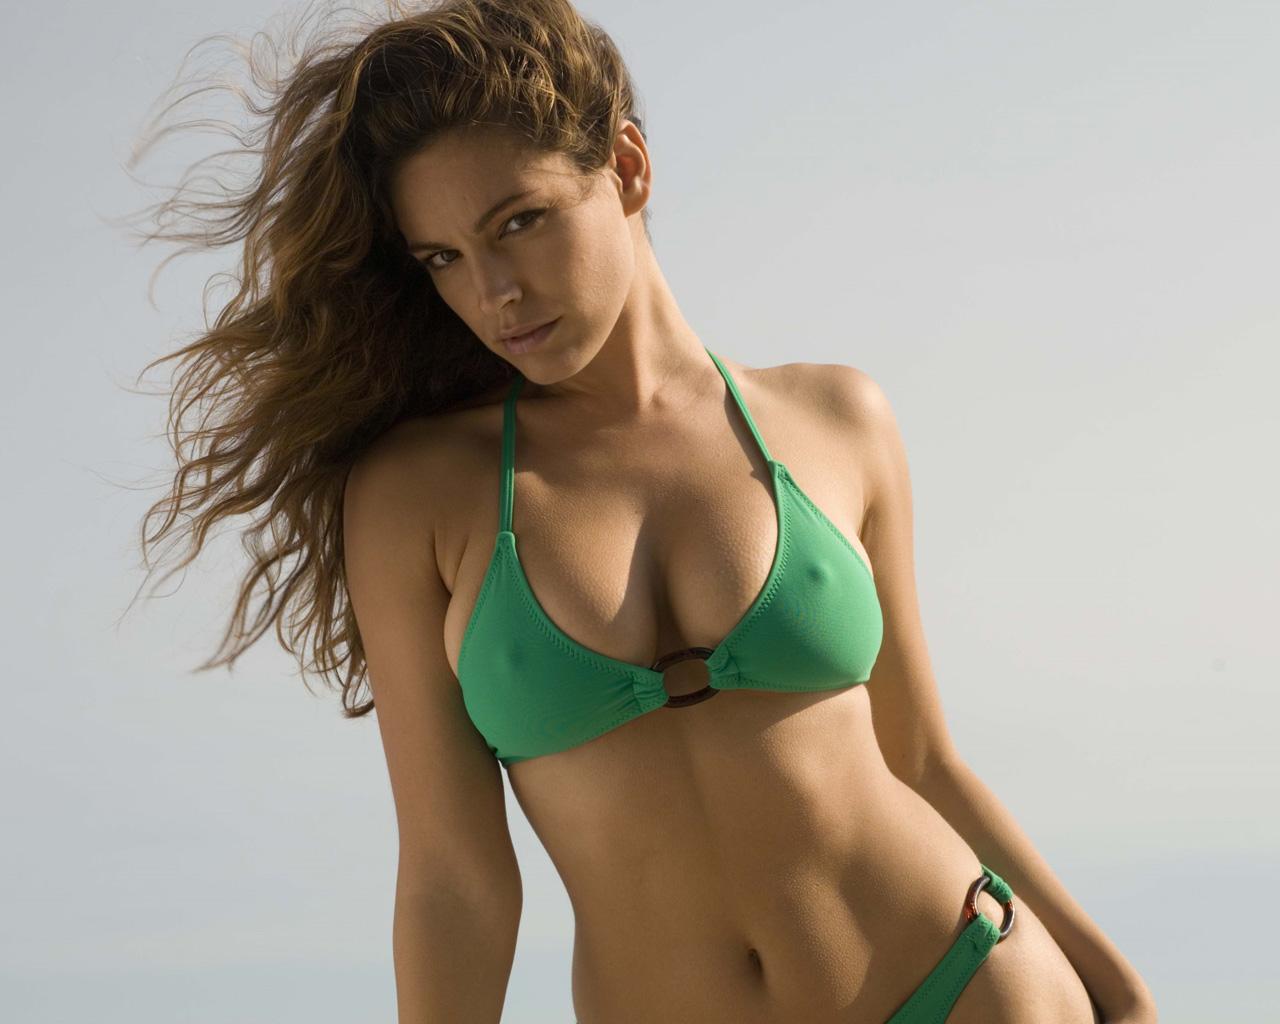 Hot Molly Sims nude (72 photo), Ass, Bikini, Feet, see through 2015